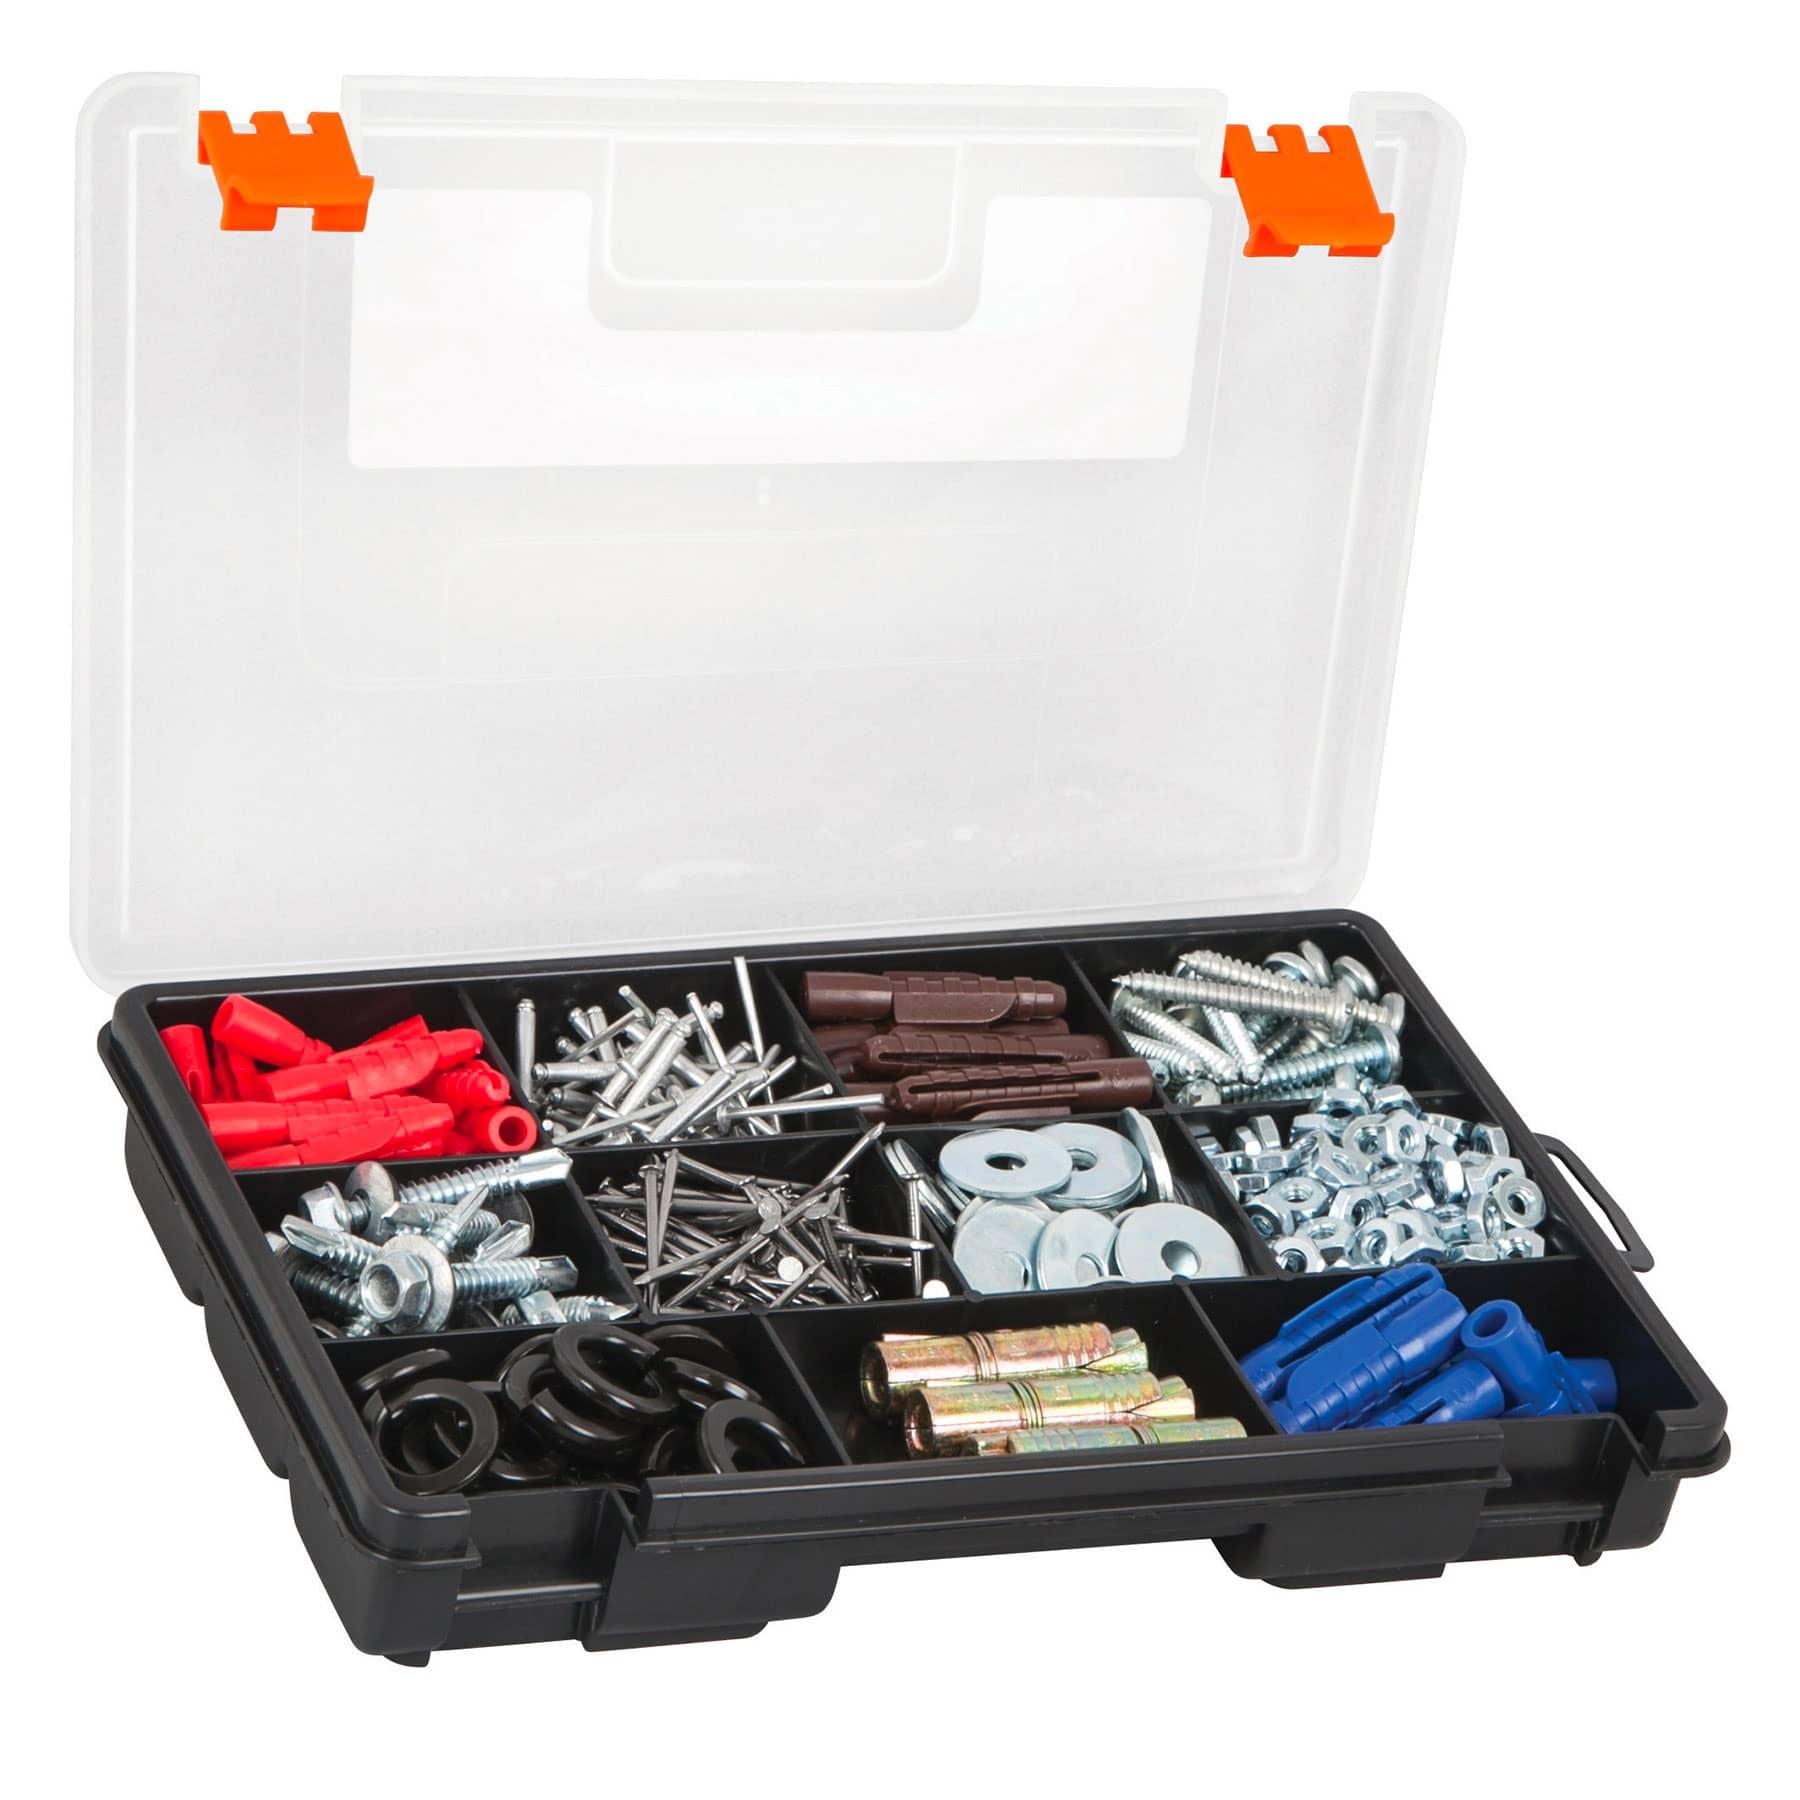 Organizador 9' con 11 compartimentos